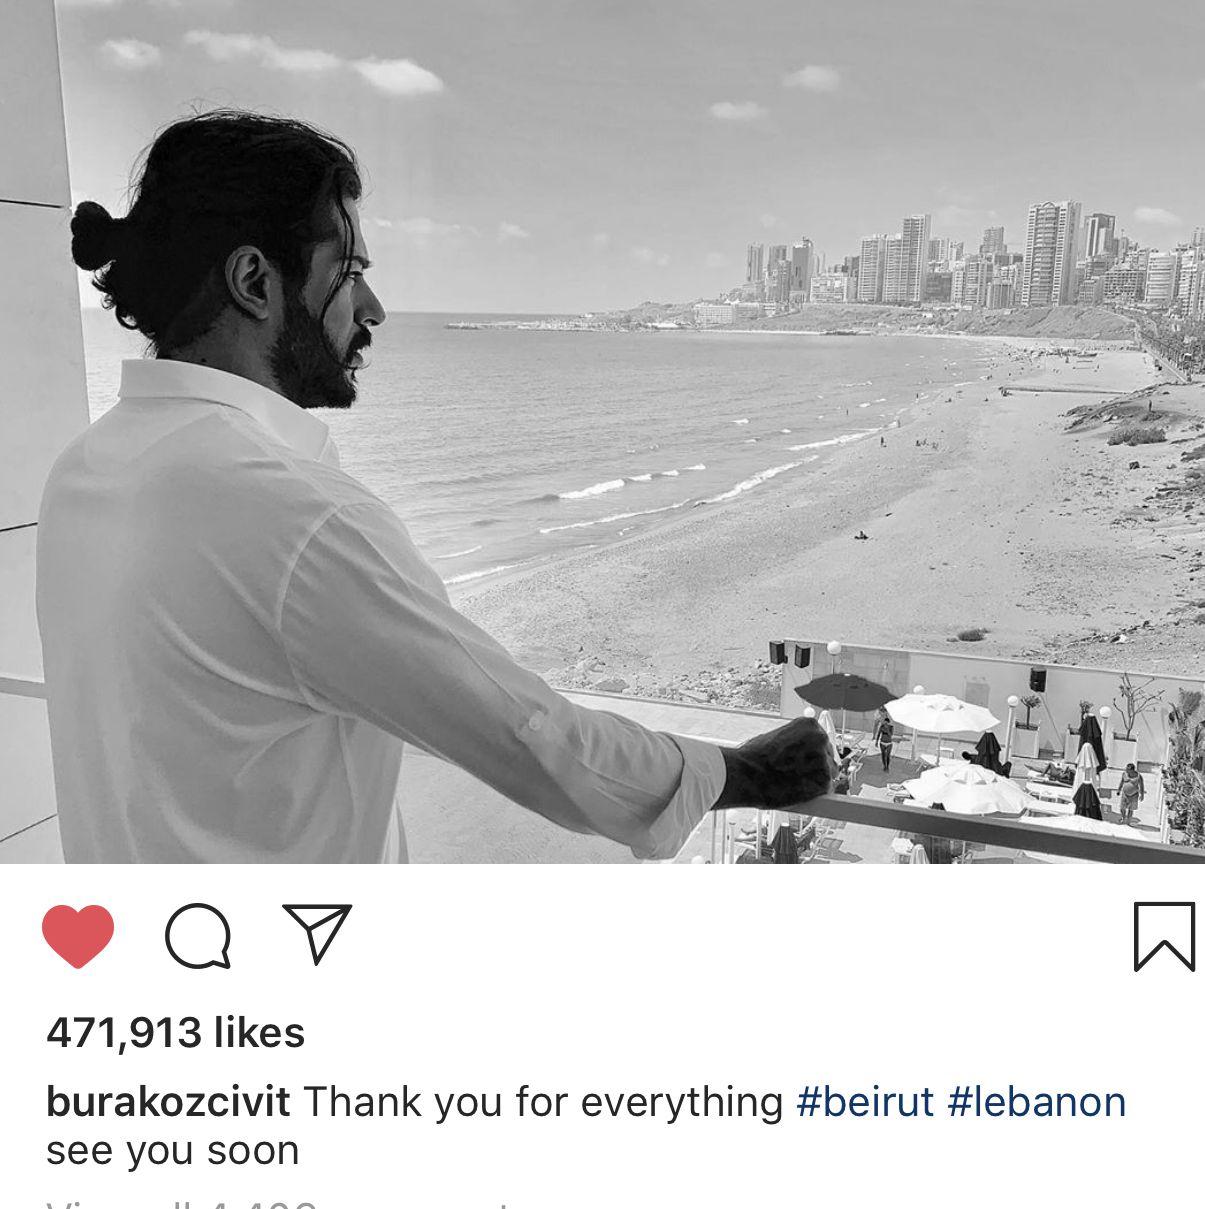 بوراك أوزجفيت يشكر لبنان وهل يأتي مجددًا؟ - صورة